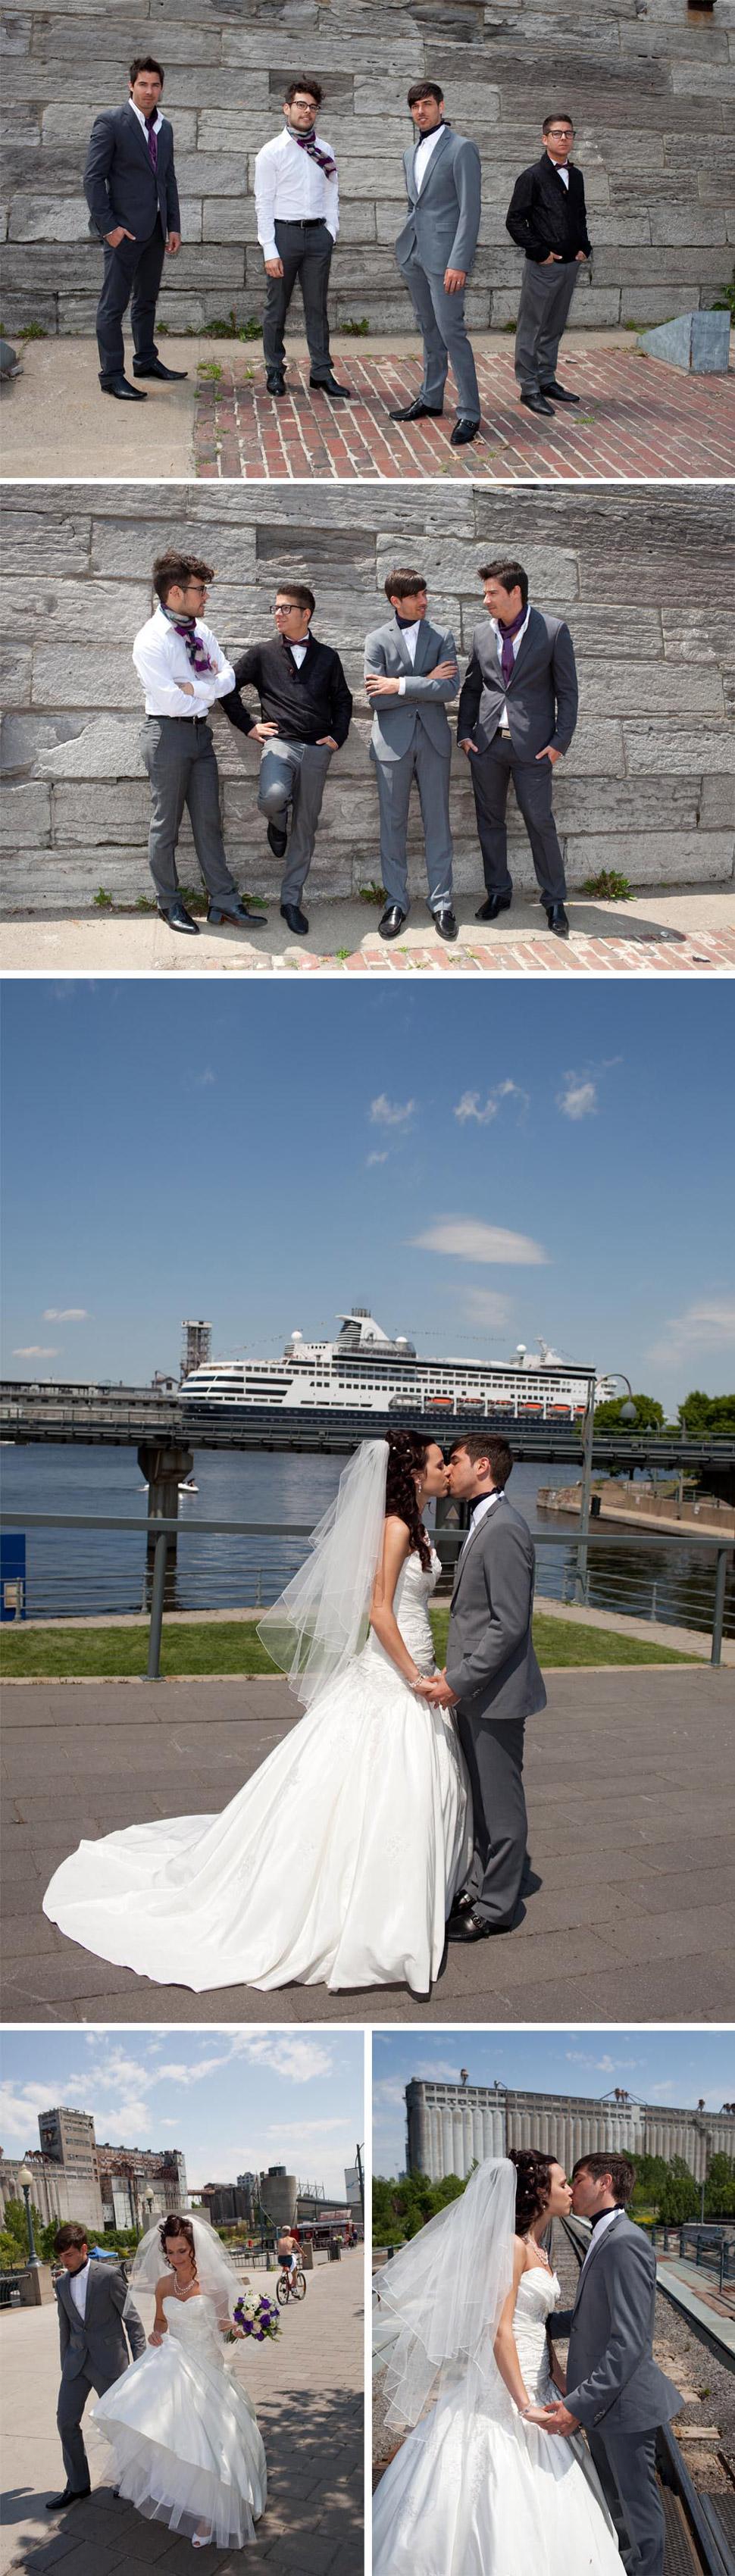 Séance de couple près du fleuve Saint-Laurent.